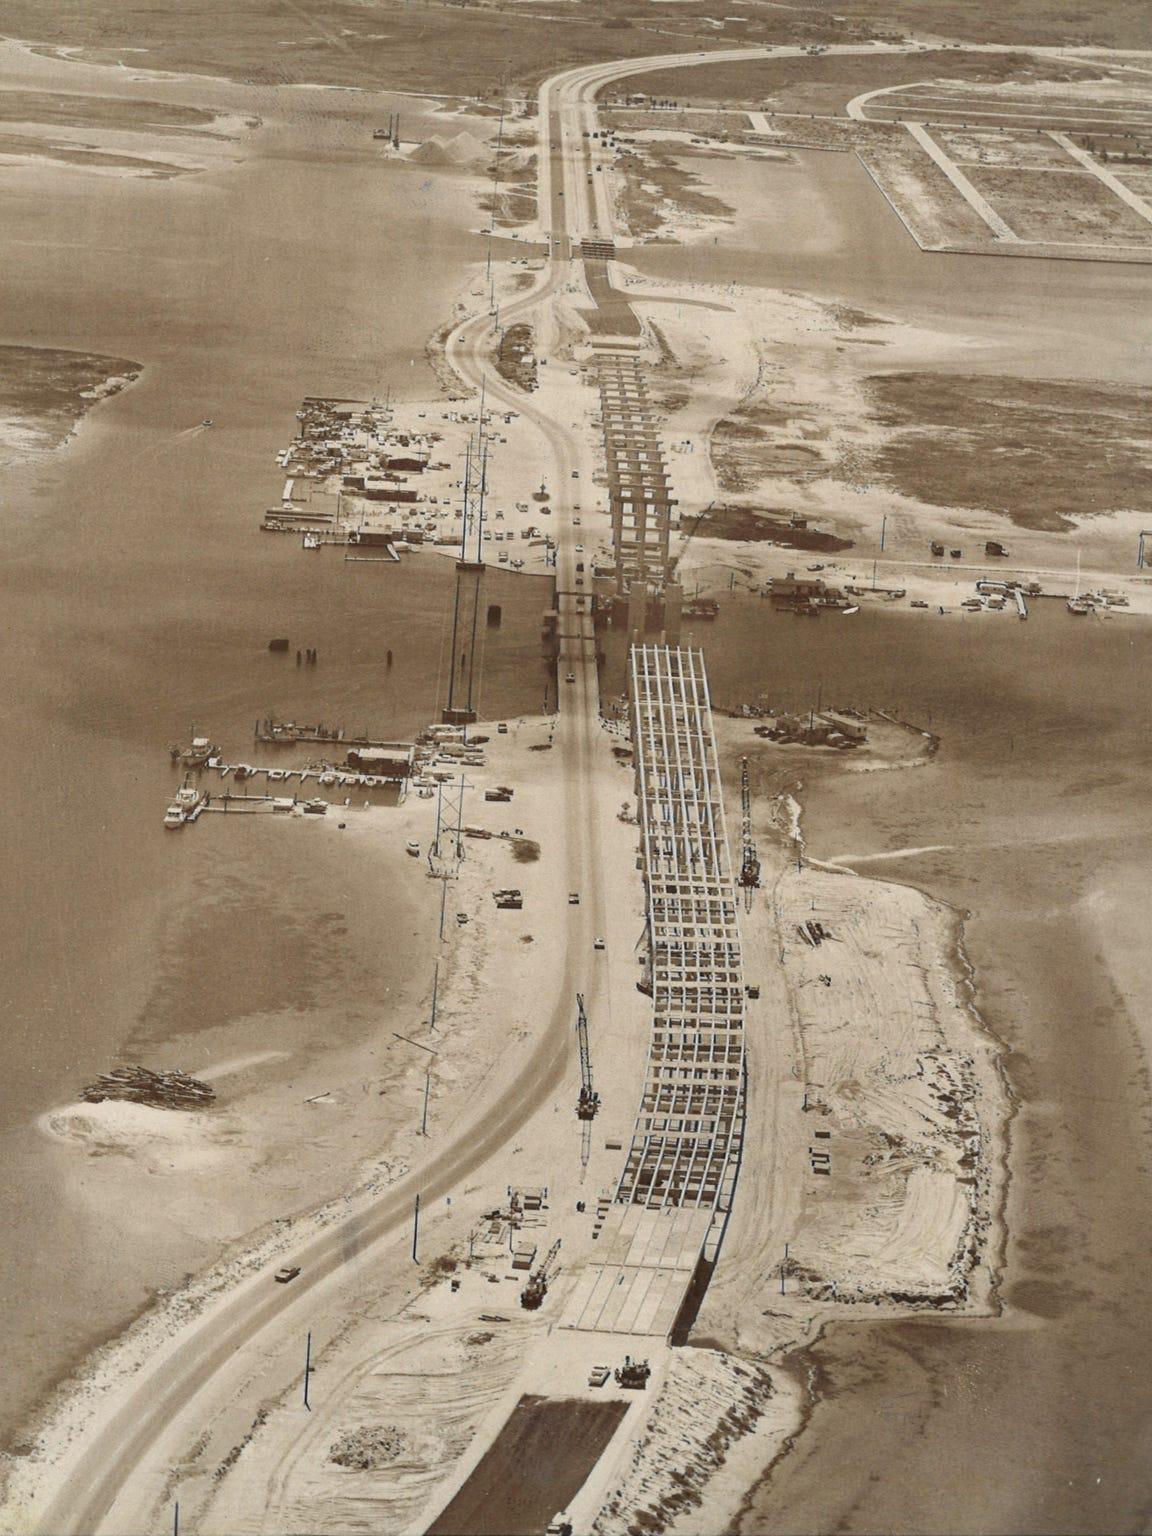 Construction underway at the JFK Causeway bridge in